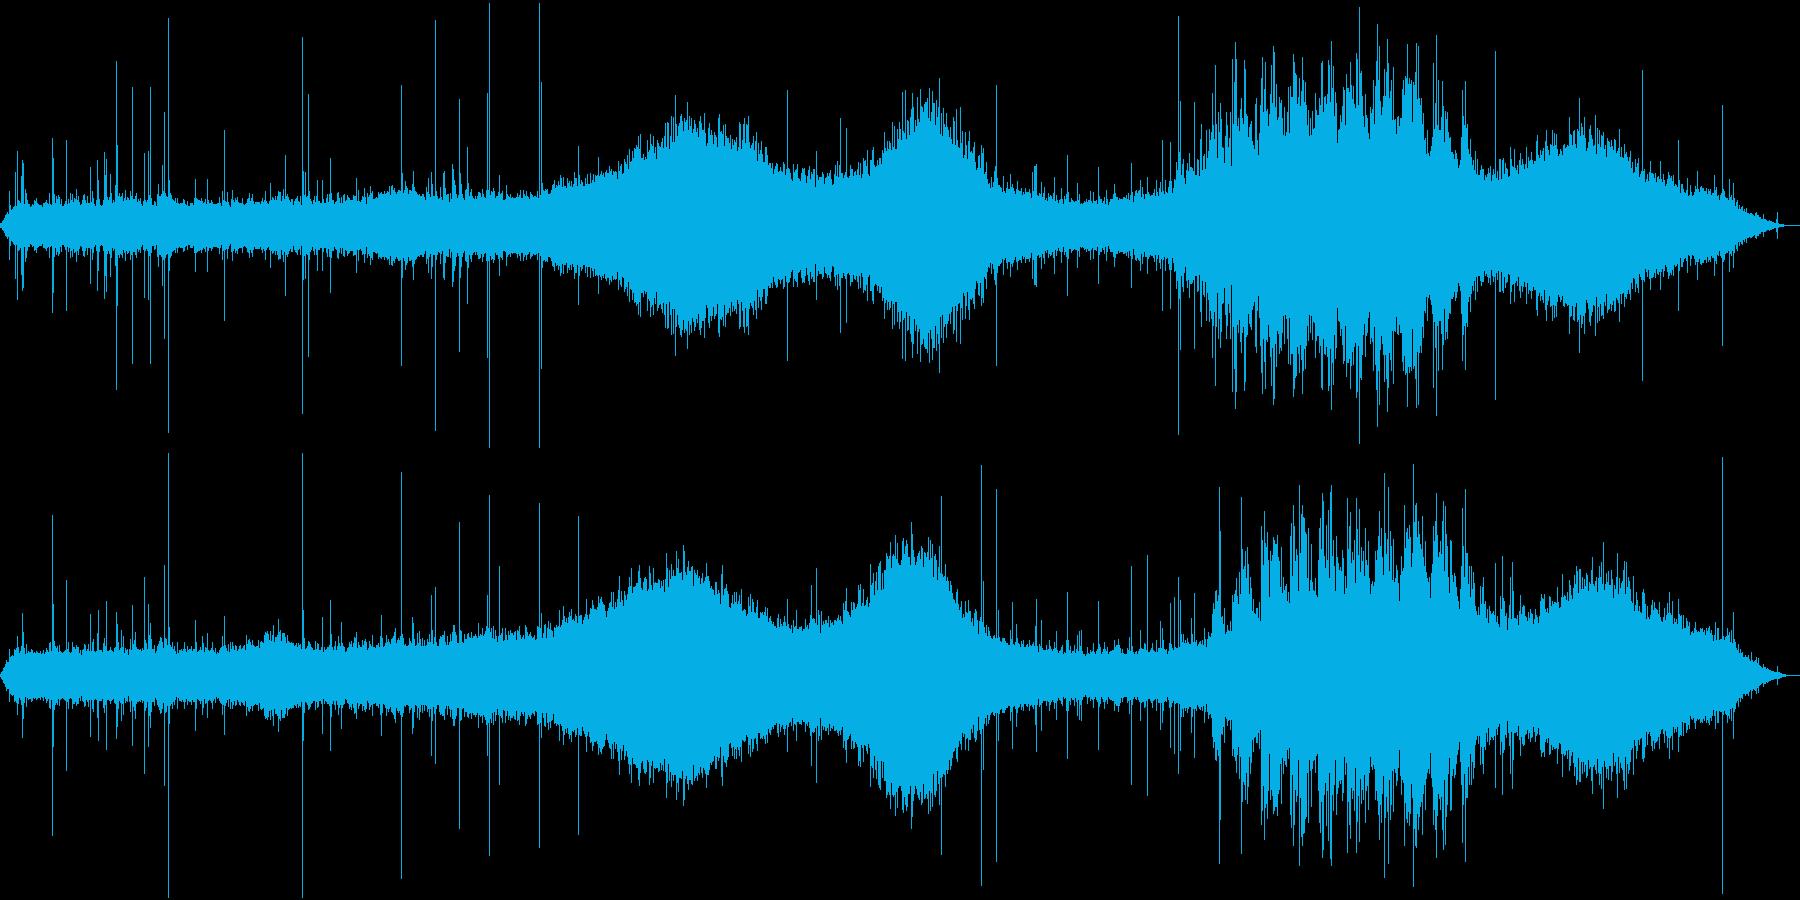 【生録音】街に降る綺麗な雨の音 1 の再生済みの波形